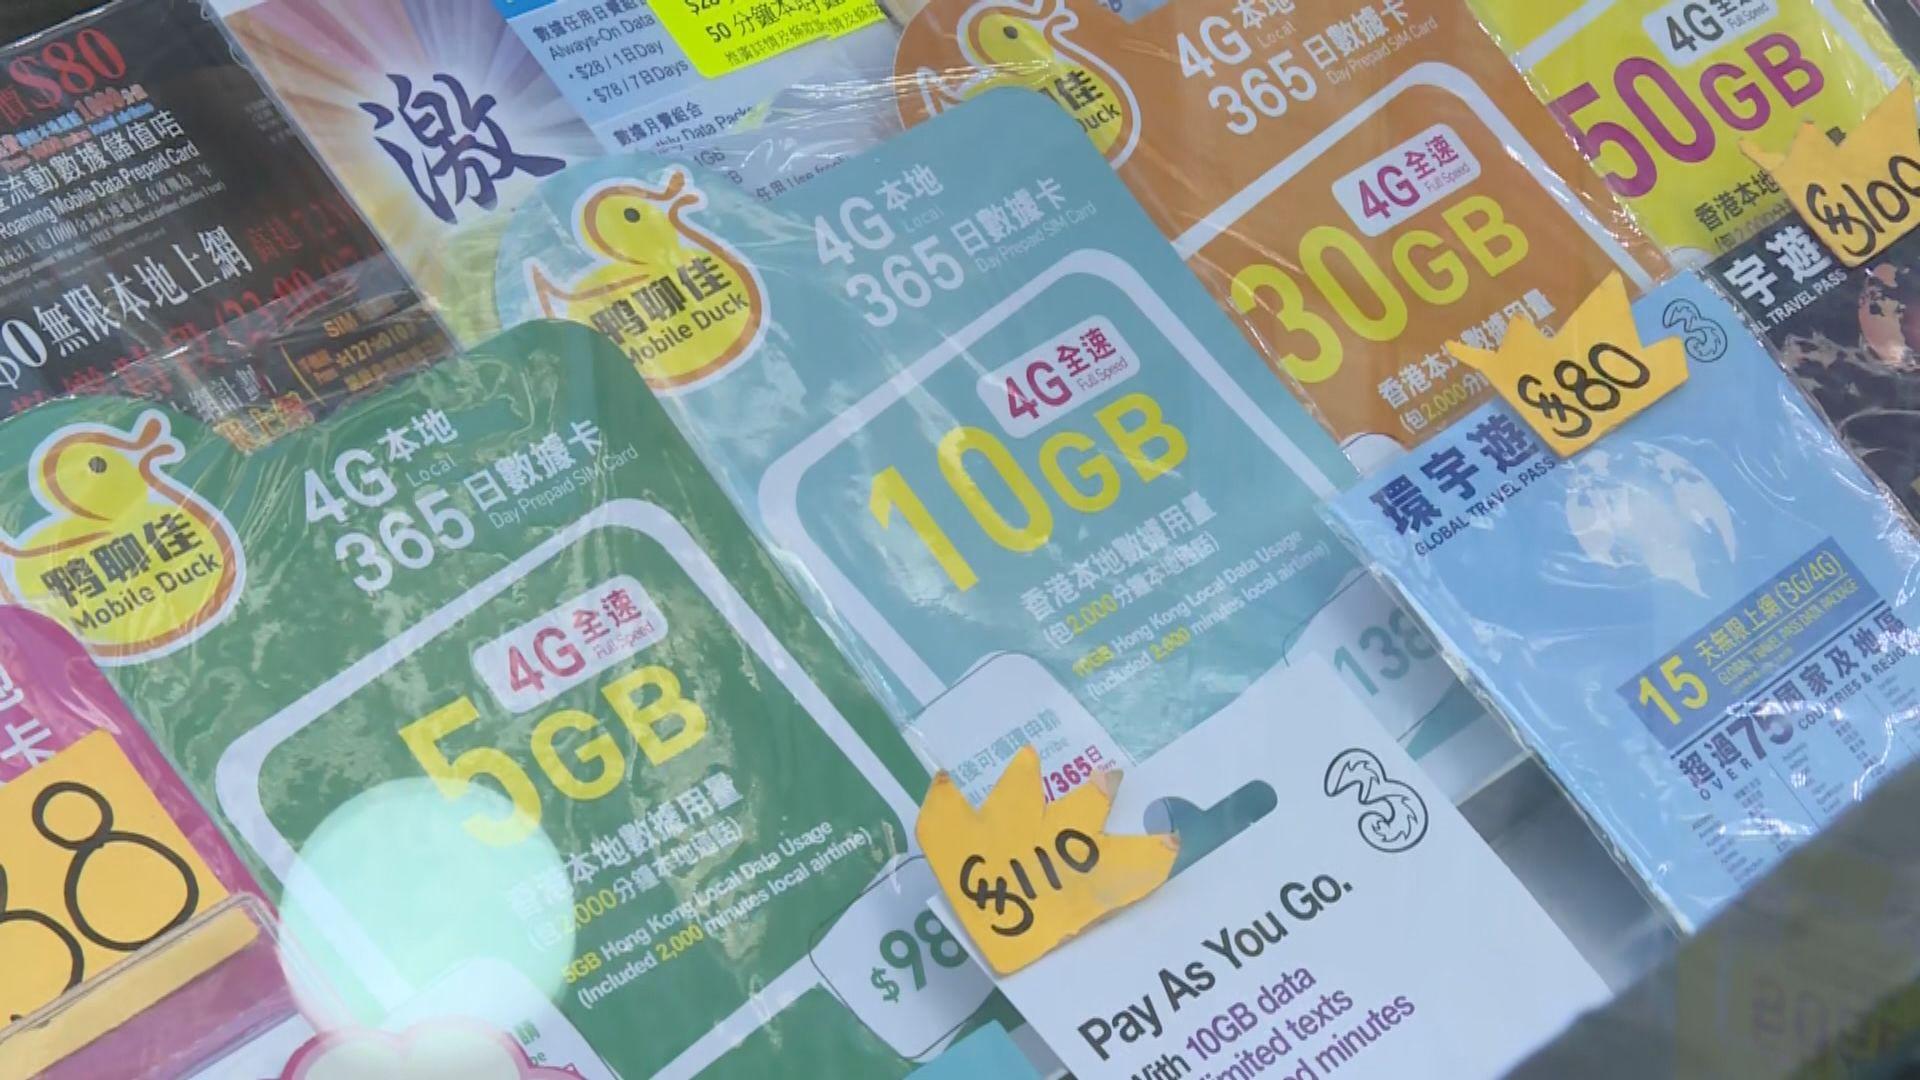 香港電訊及和記電訊指會研究電話卡實名化諮詢文件內容